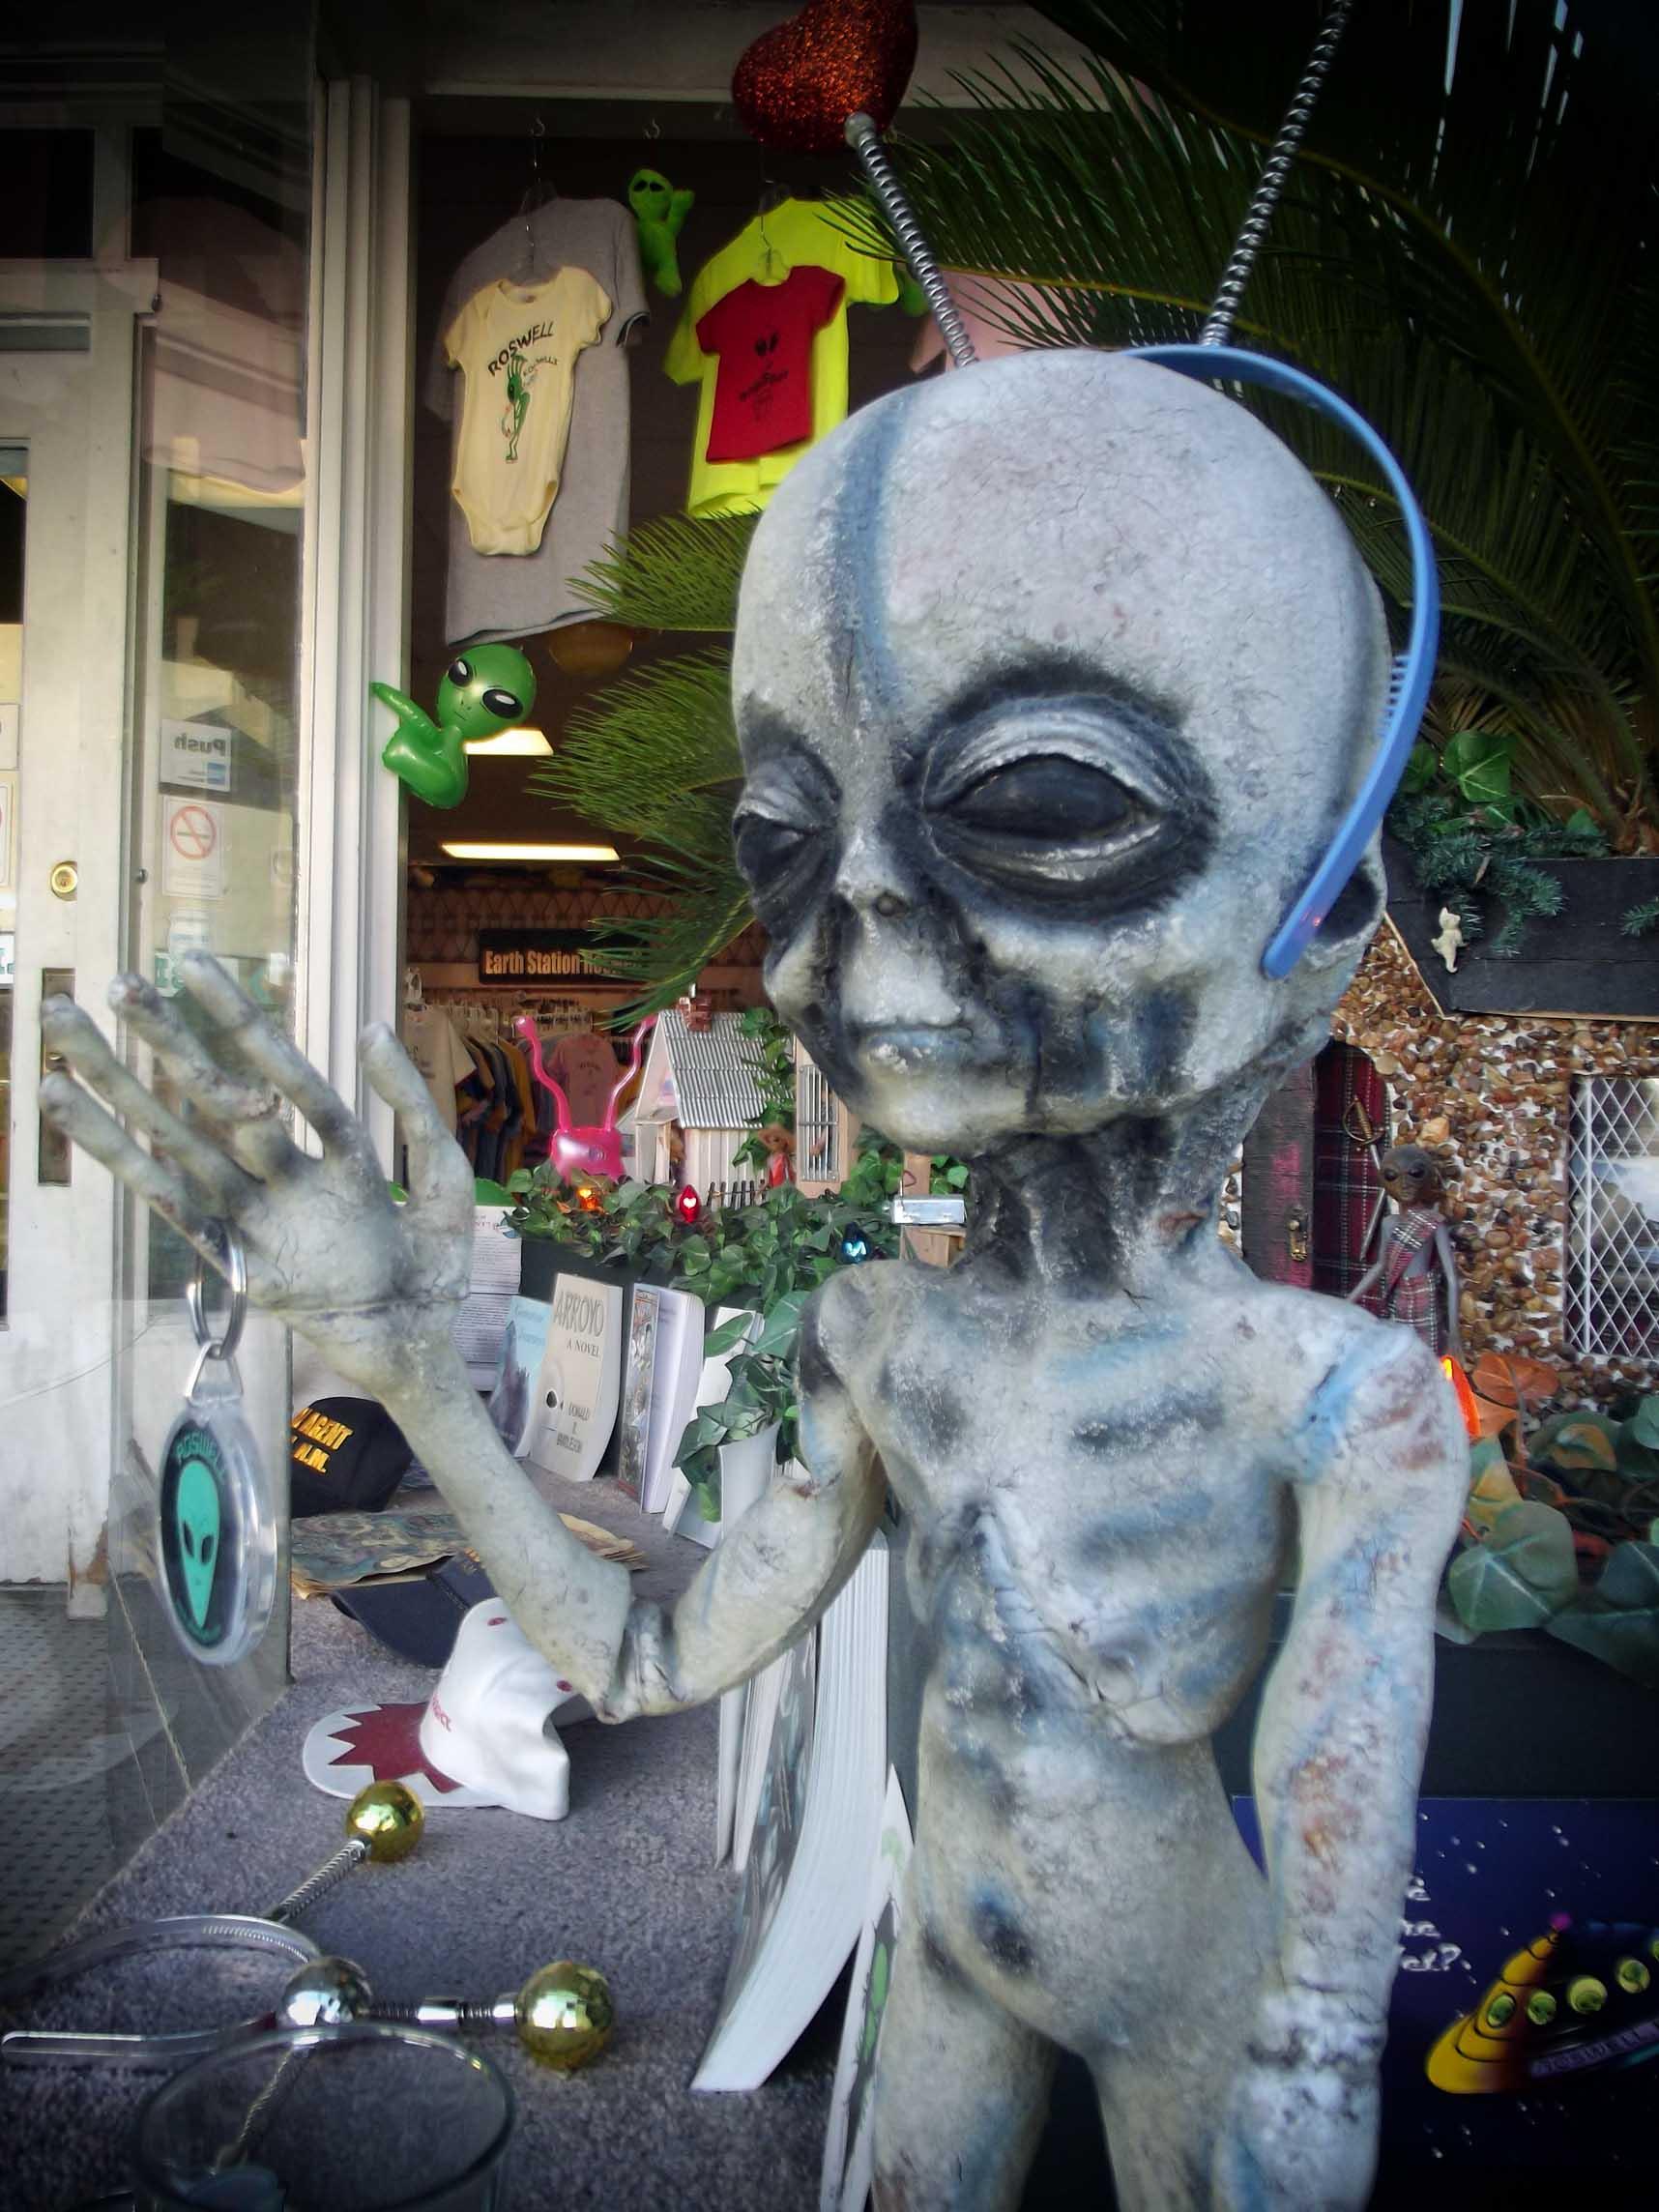 Alien model